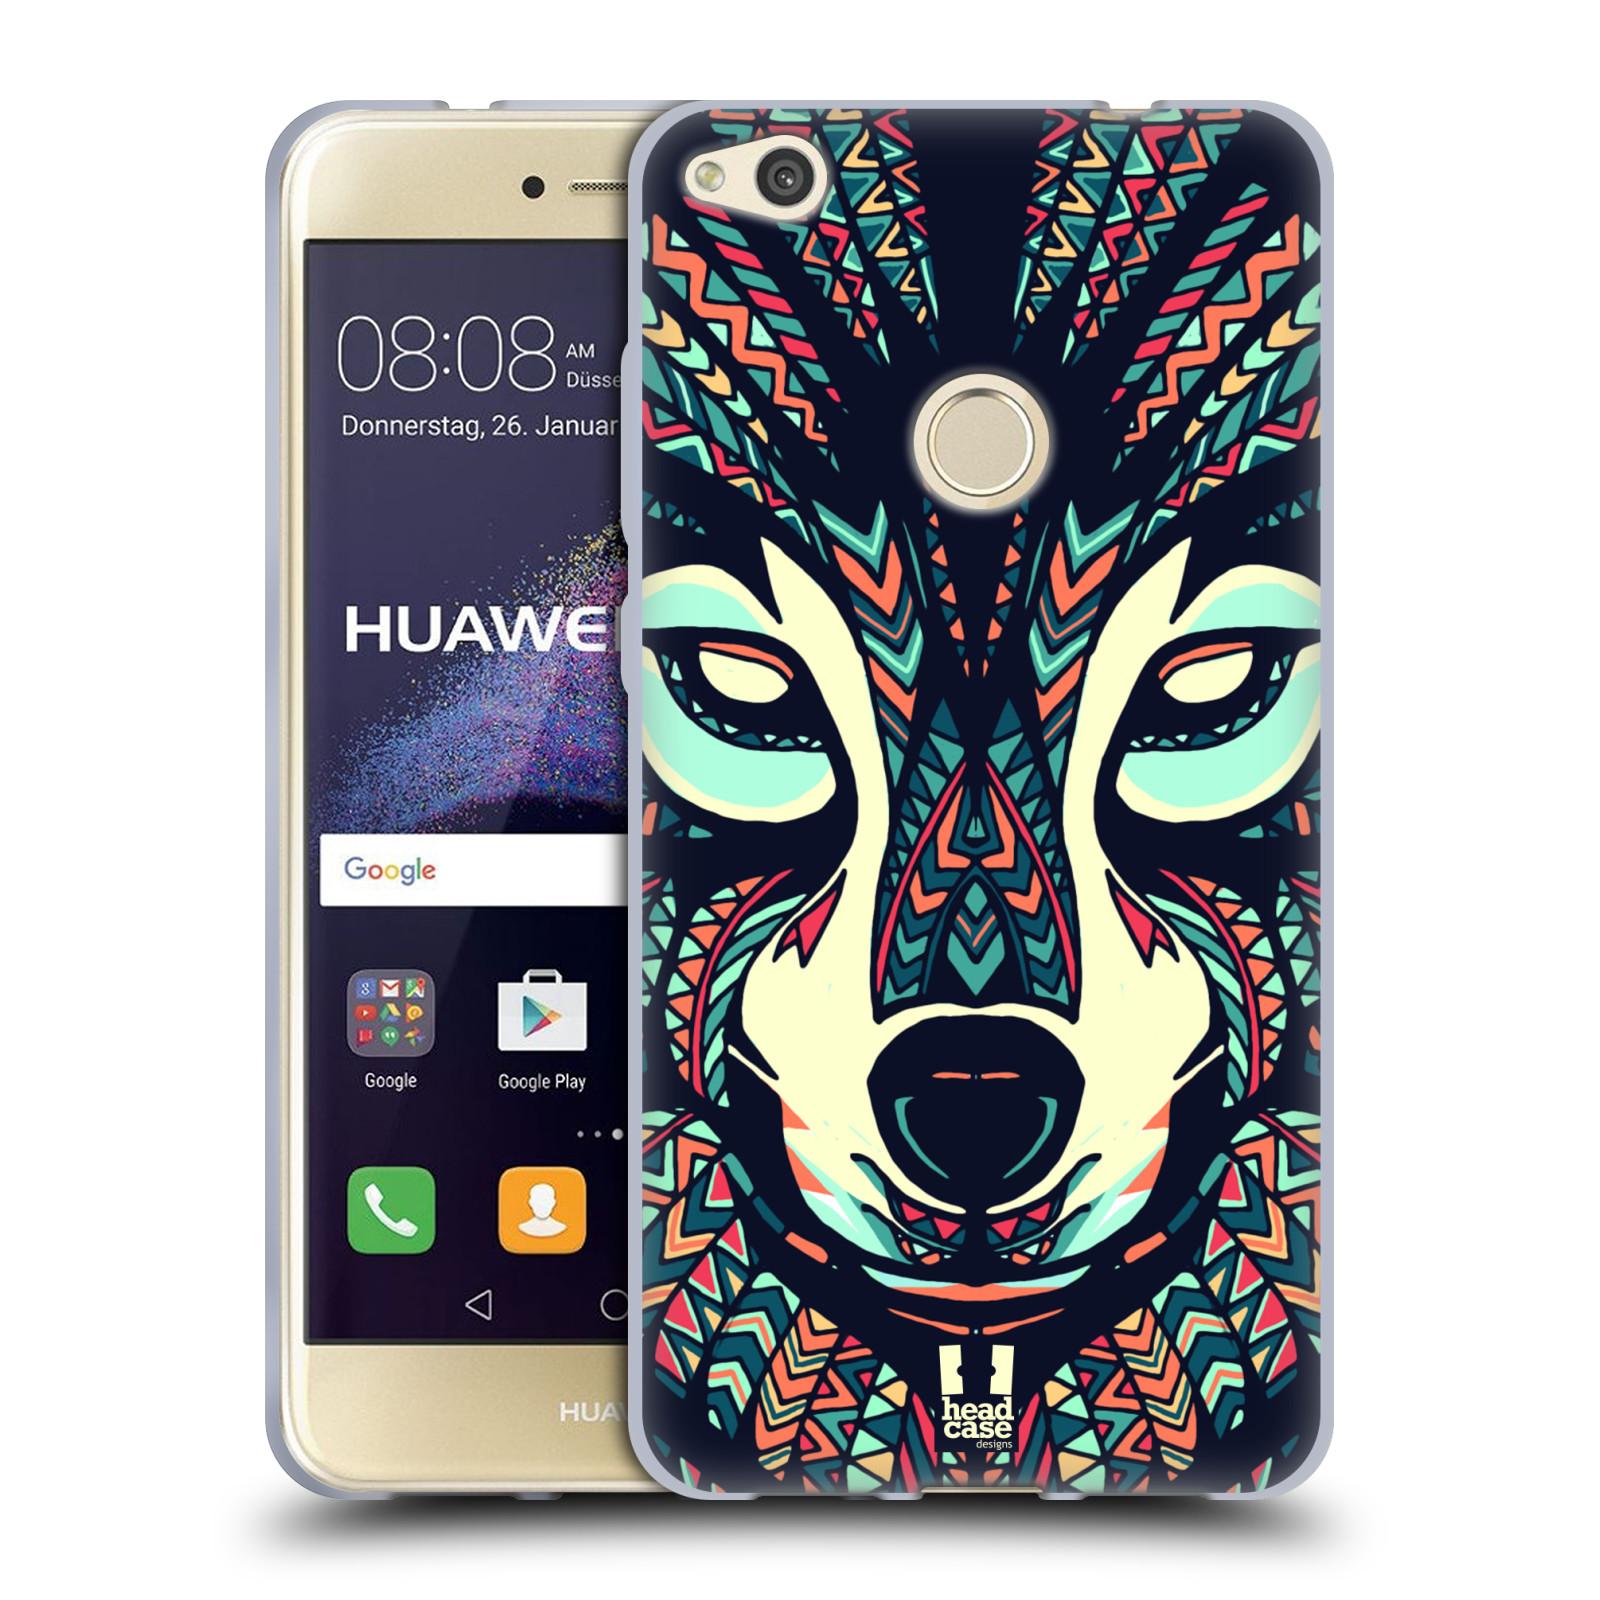 Silikonové pouzdro na mobil Honor 8 Lite - Head Case - AZTEC VLK (Silikonový kryt či obal na mobilní telefon Honor 8 Lite s motivem AZTEC VLK)